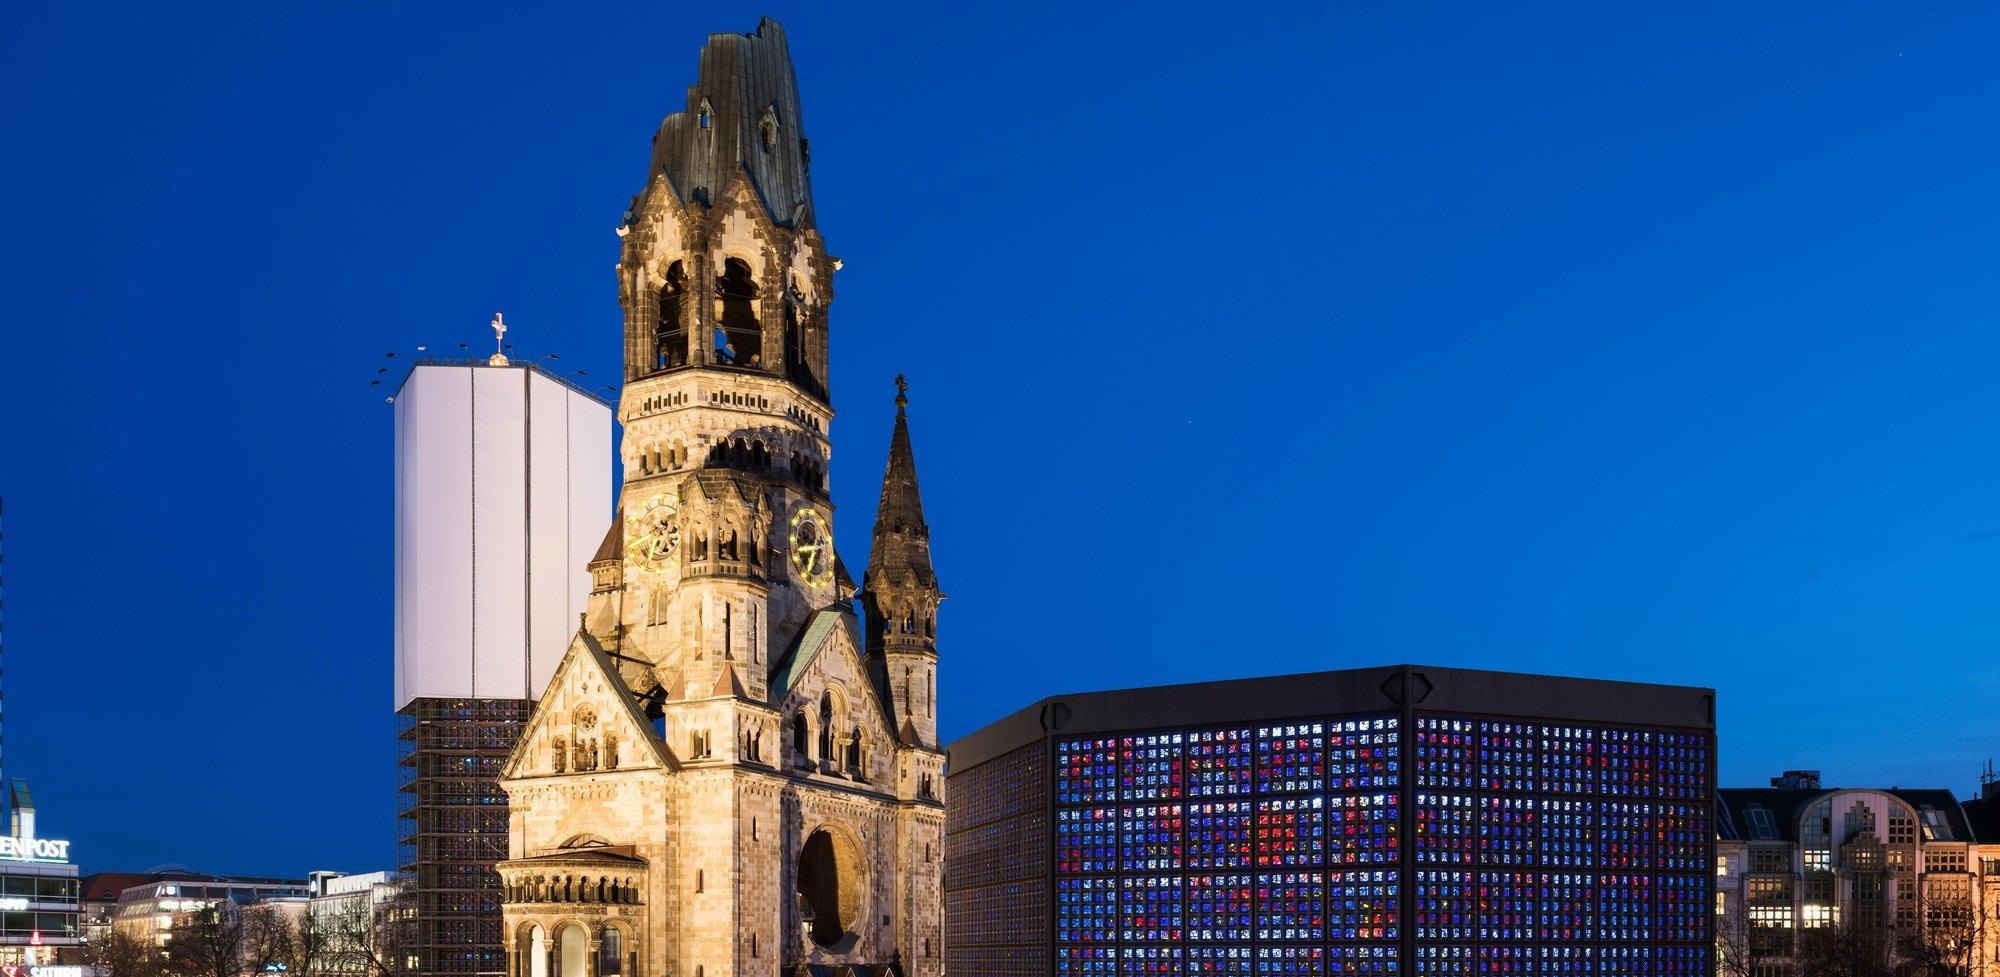 Gedächtniskirche Berlin